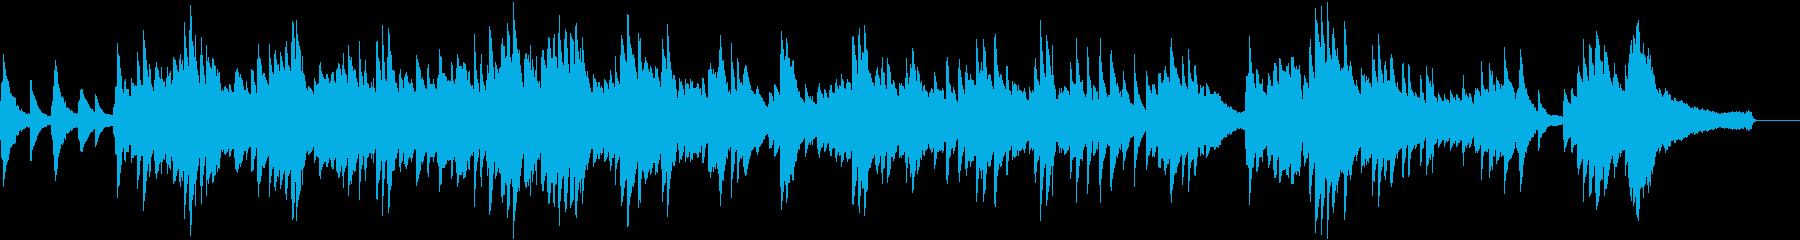 優しくノスタルジックなピアノソロBGMの再生済みの波形